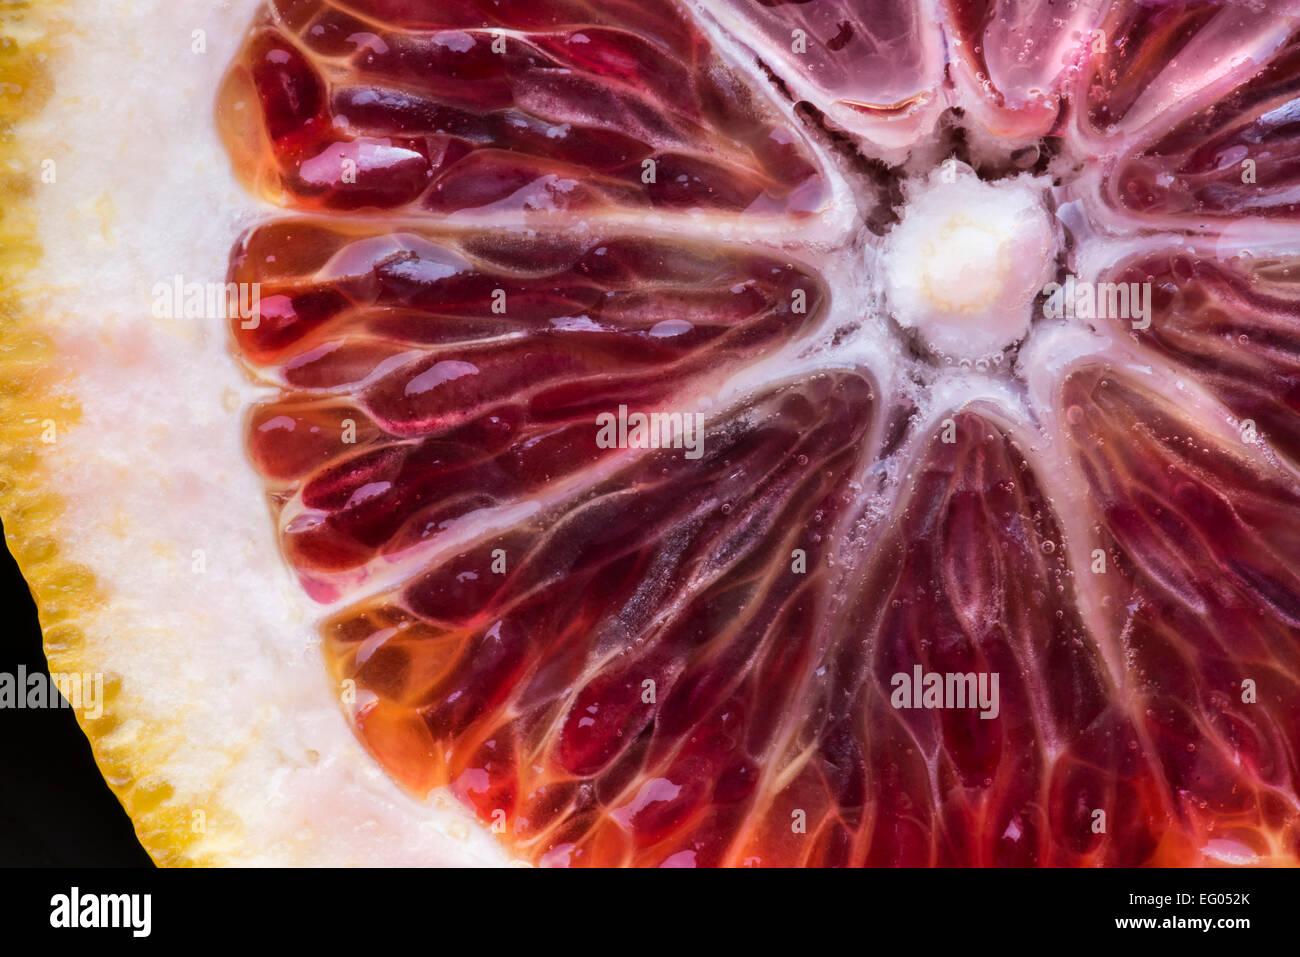 Very close detail of blood orange flesh. - Stock Image